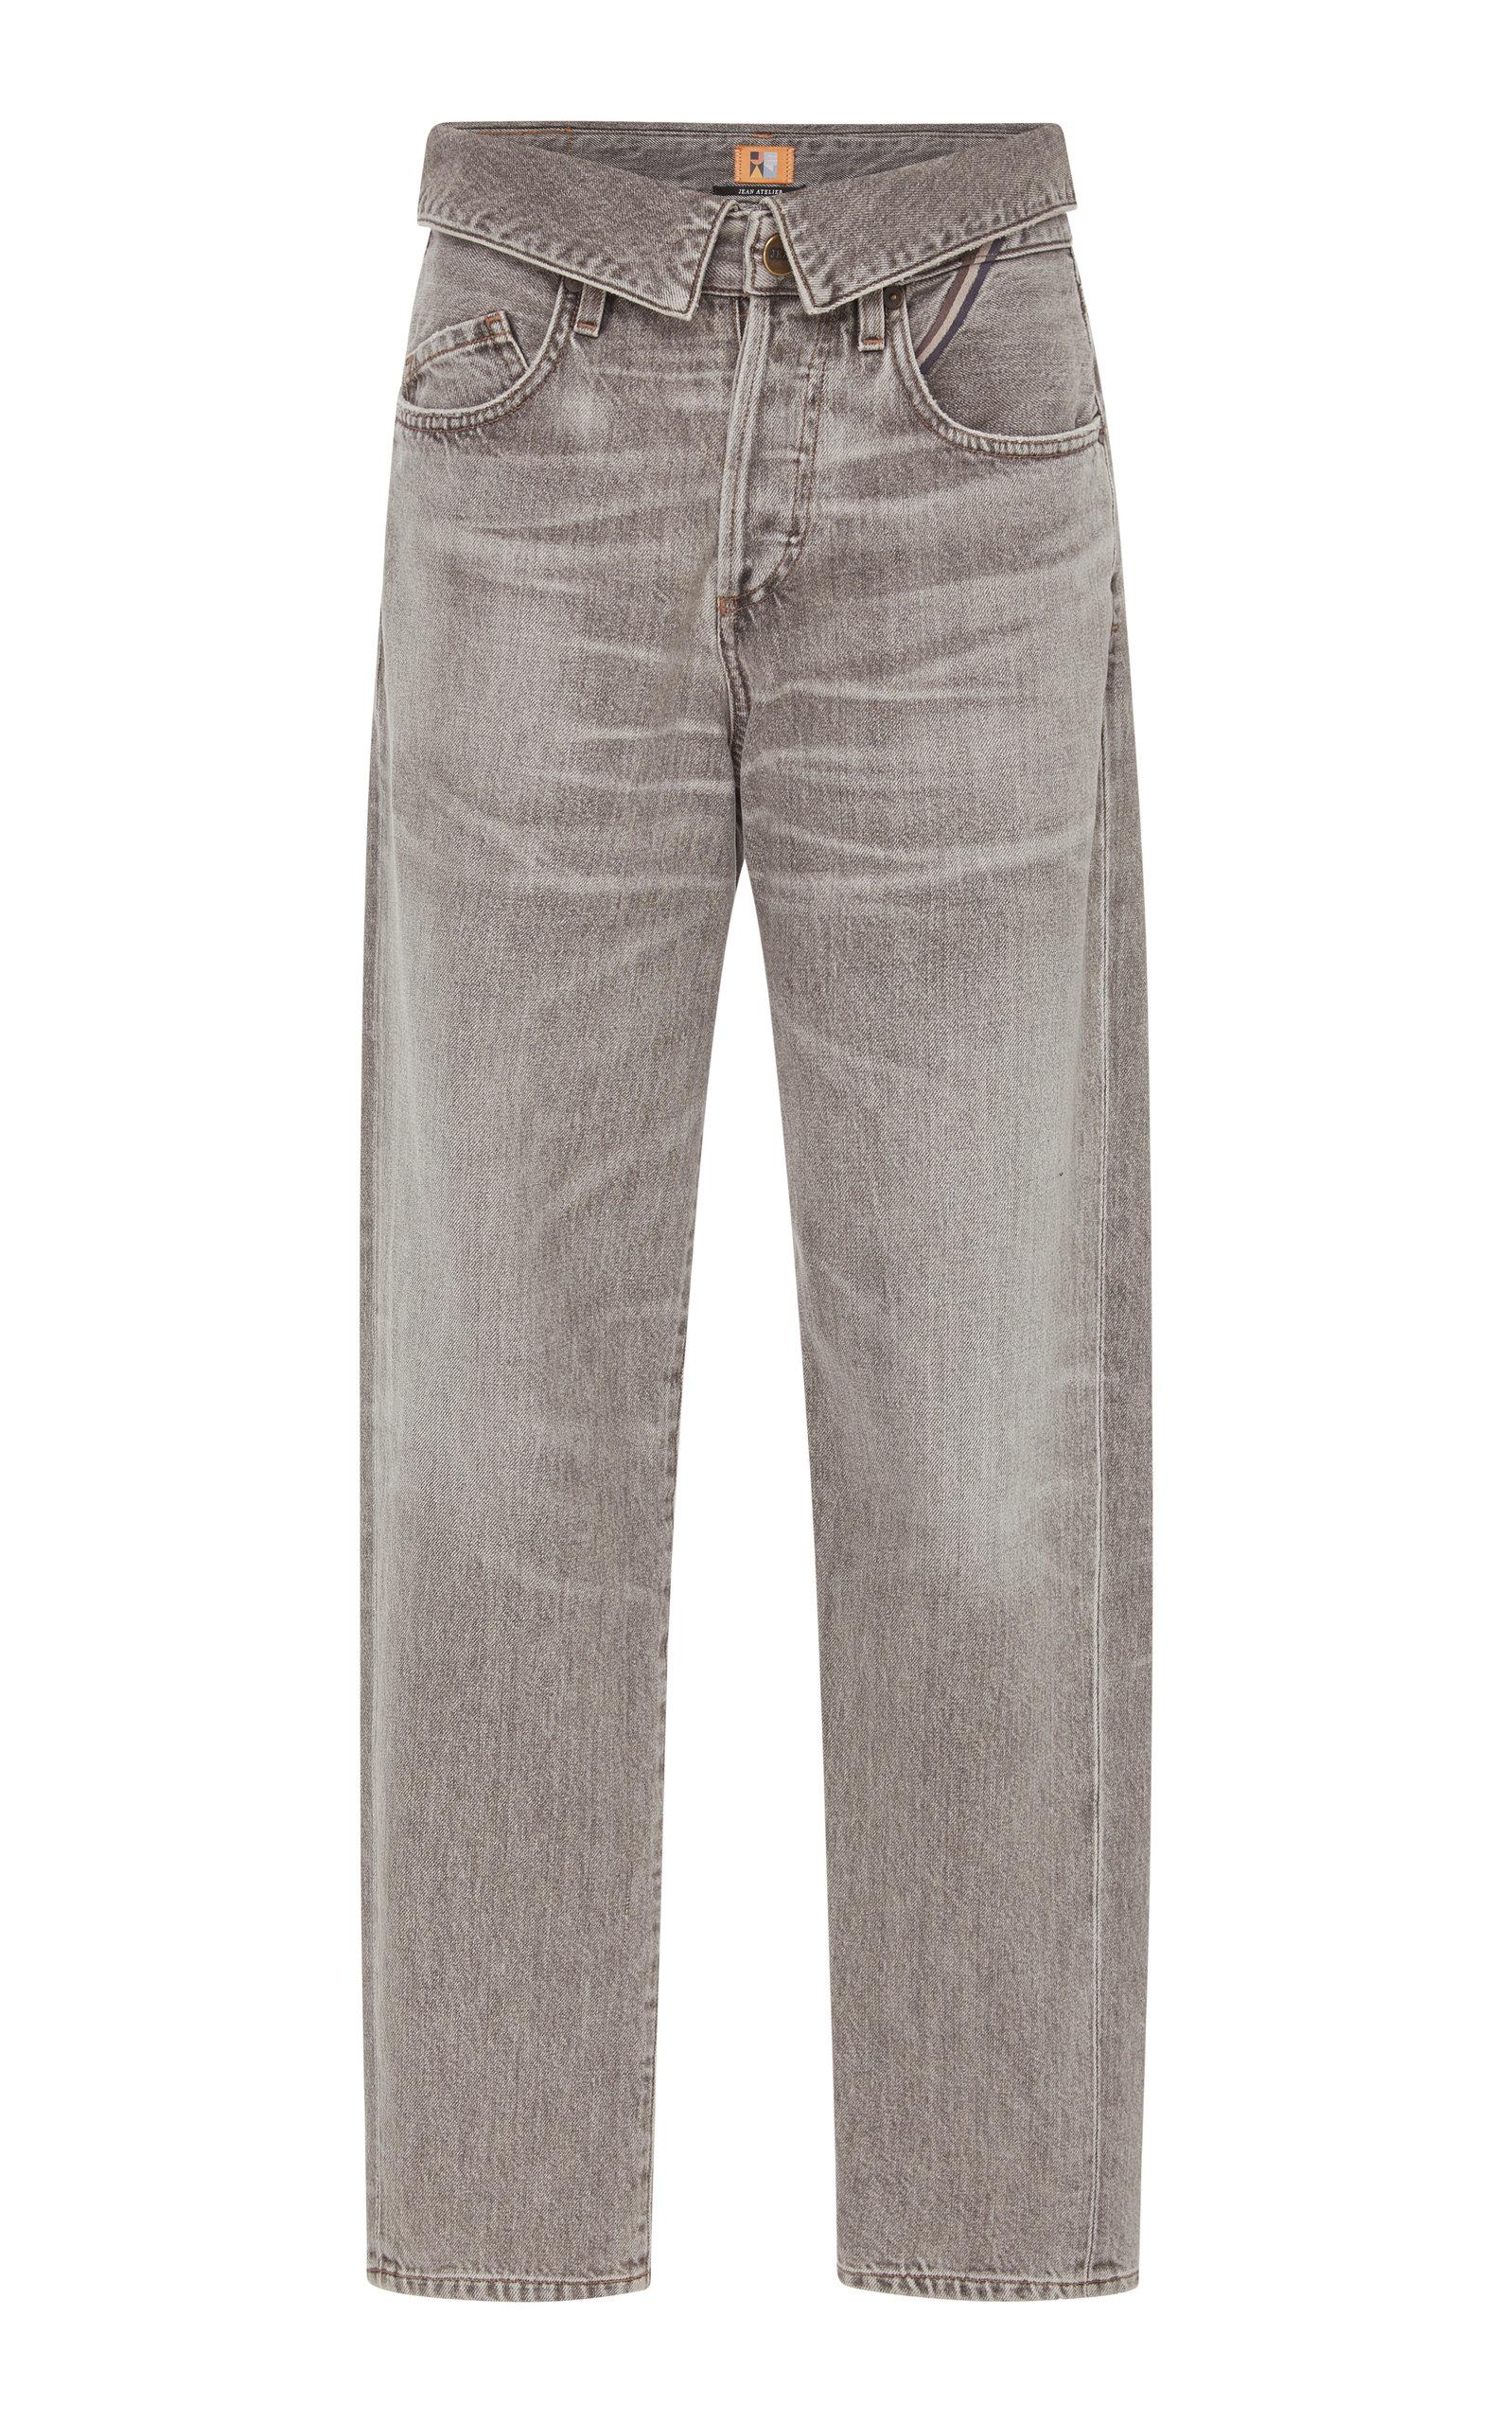 JEAN ATELIER Flip Foldover High-Rise Boyfriend Jeans in Storm